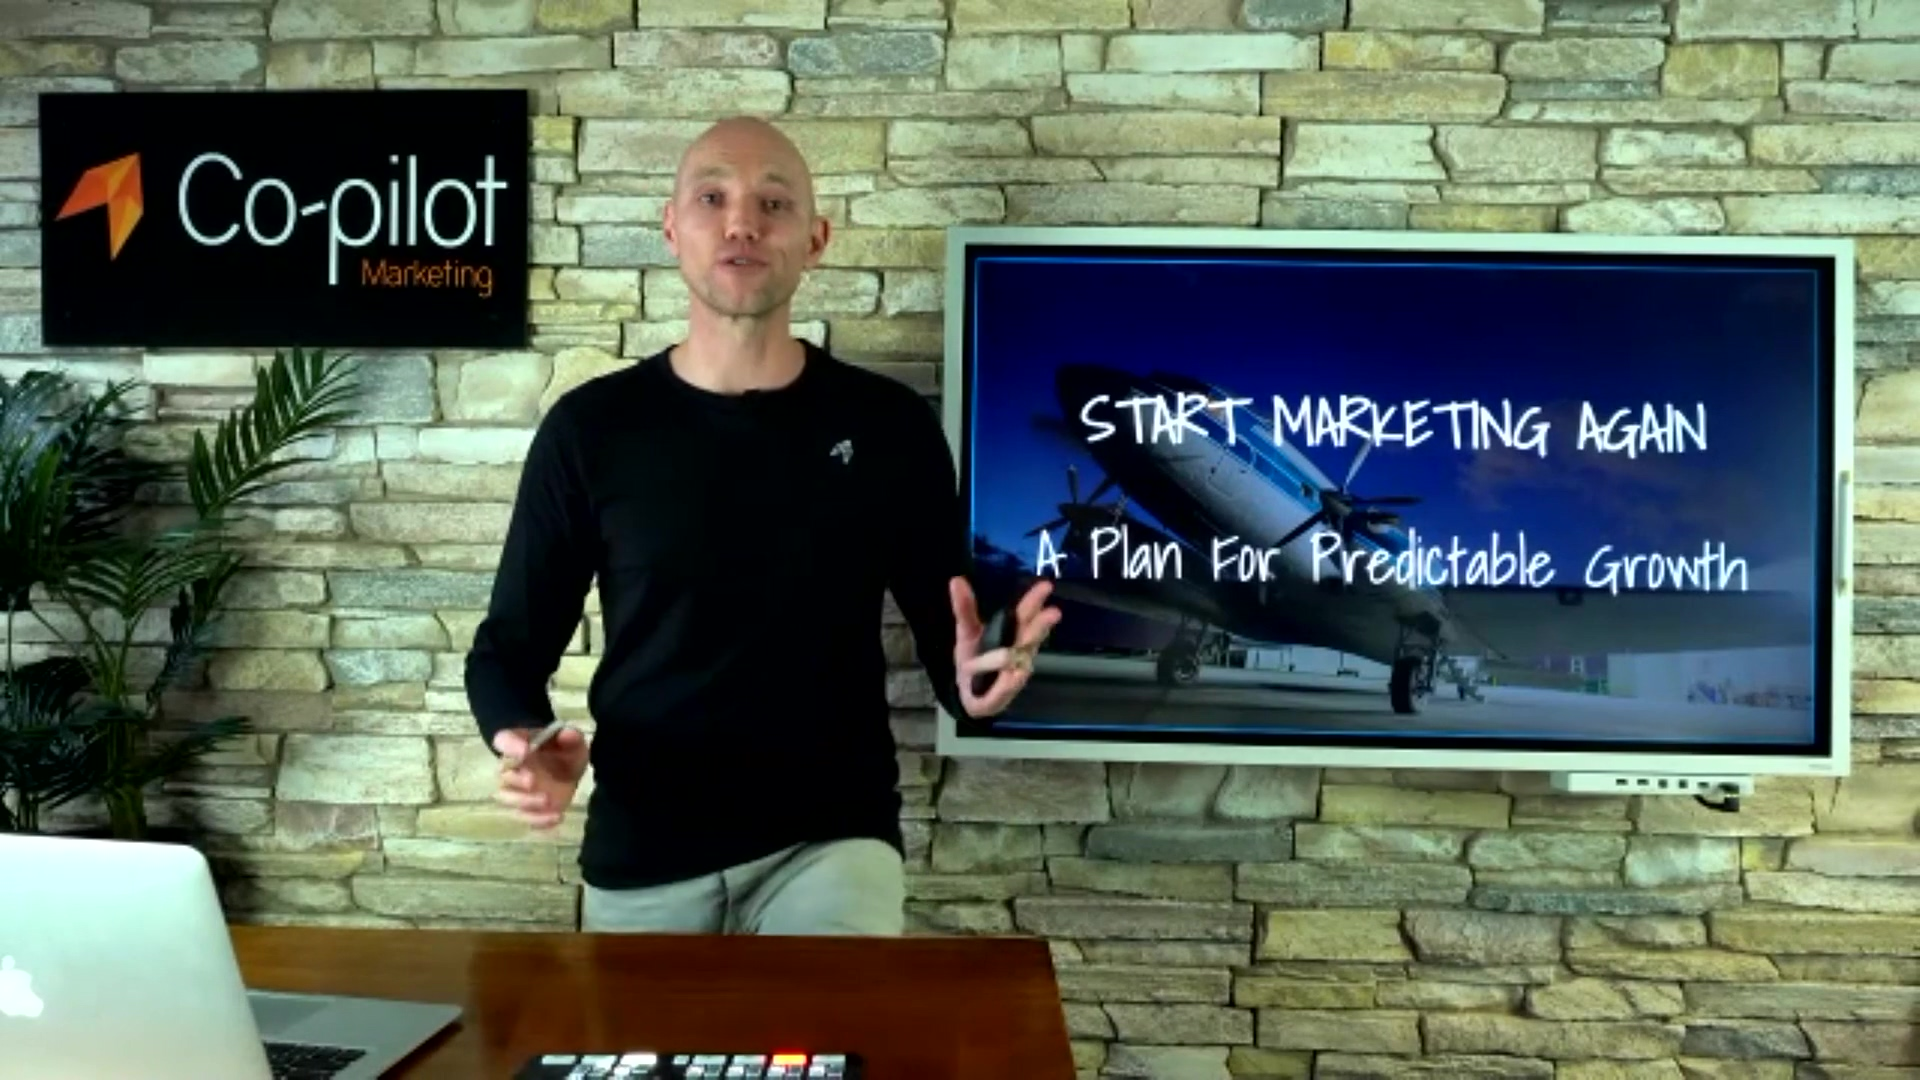 Start-Marketing-Again-Full